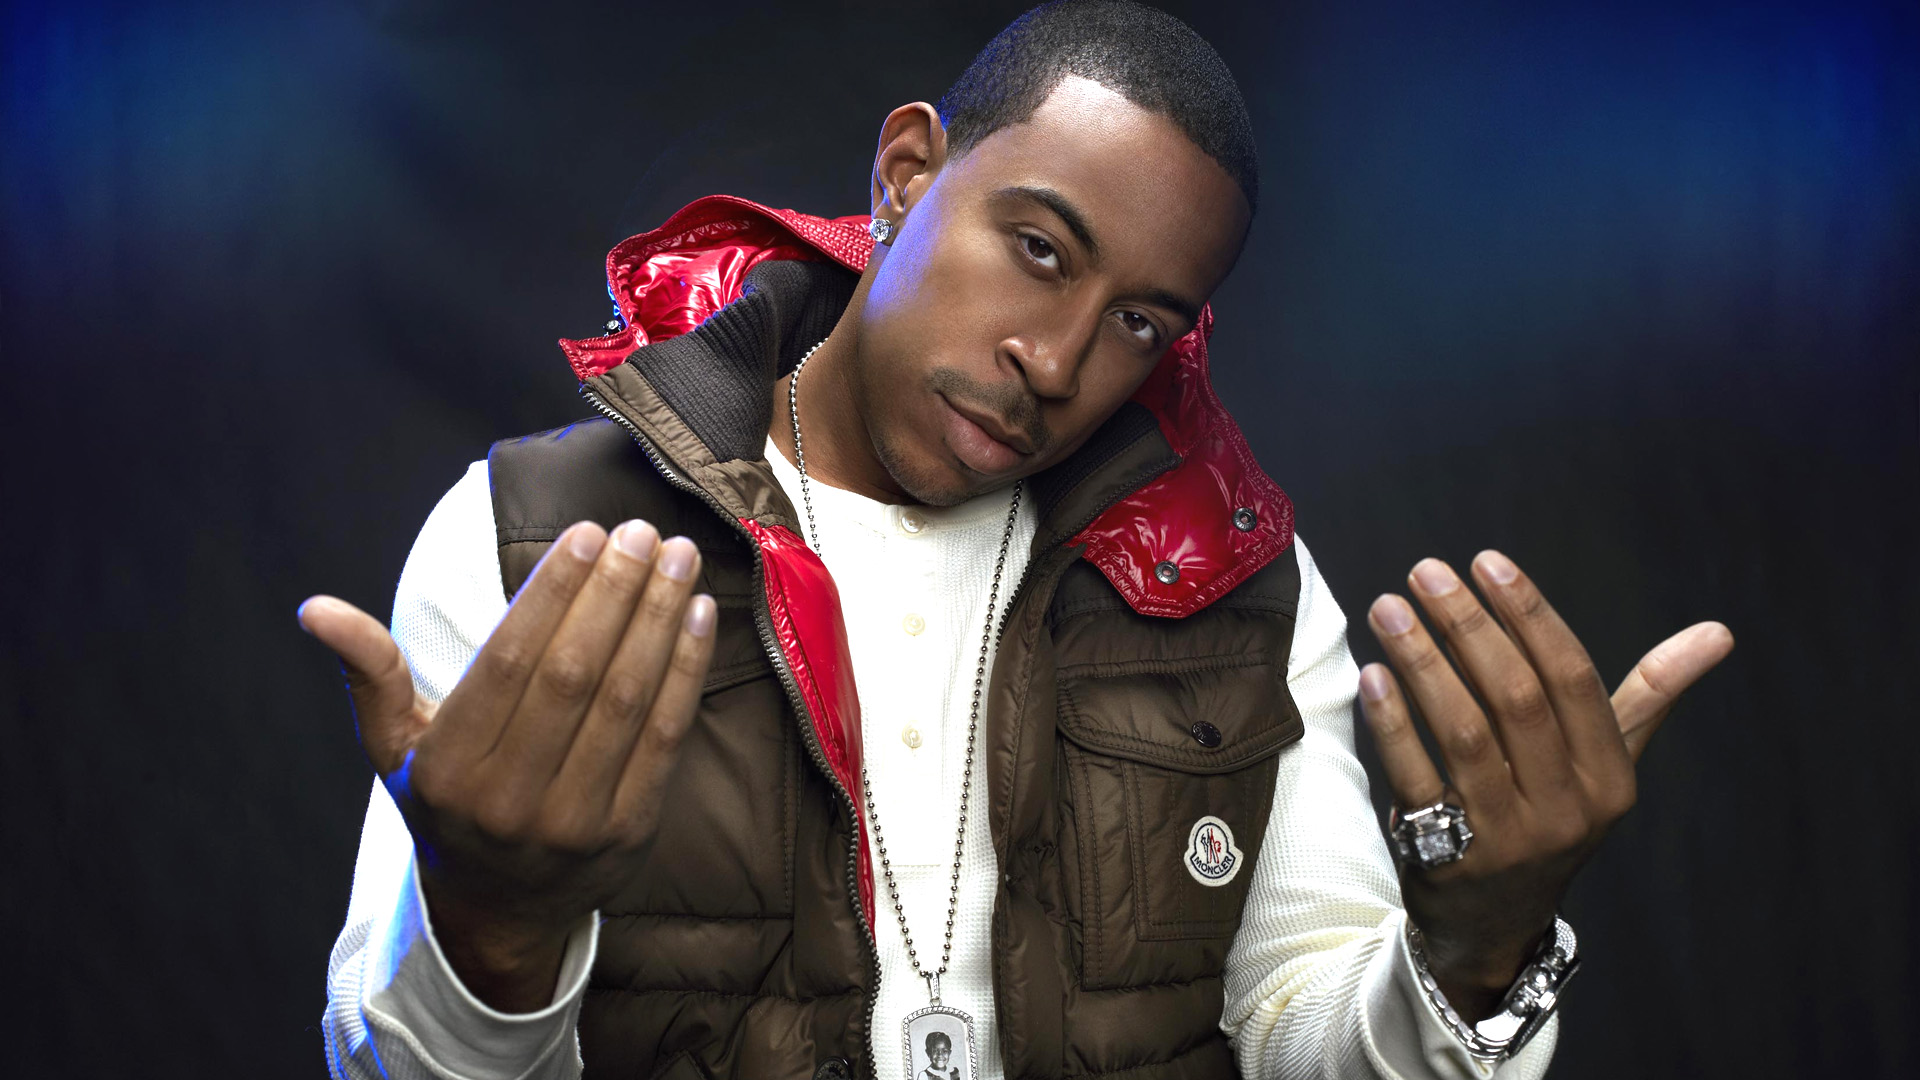 Neste Blir How Low av Ludacris